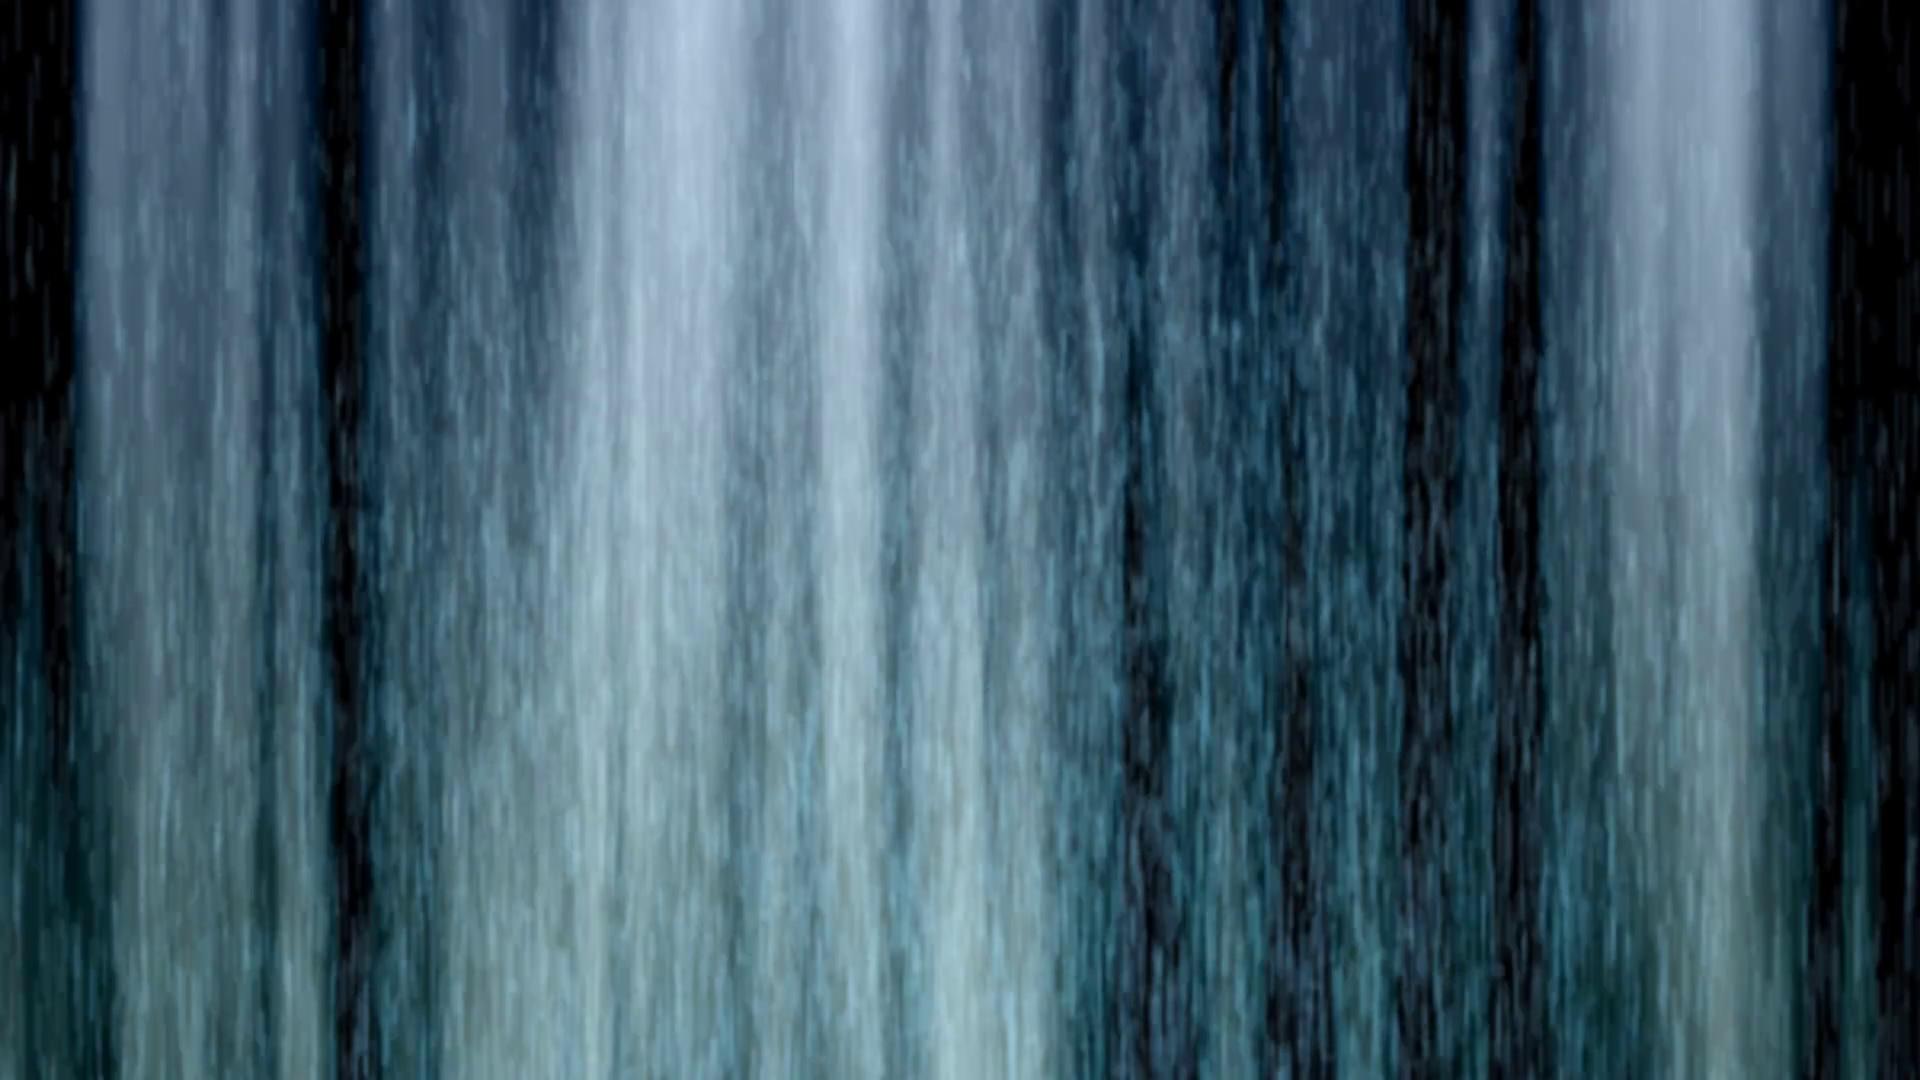 Water Curtain Loop Stock Video Footage.